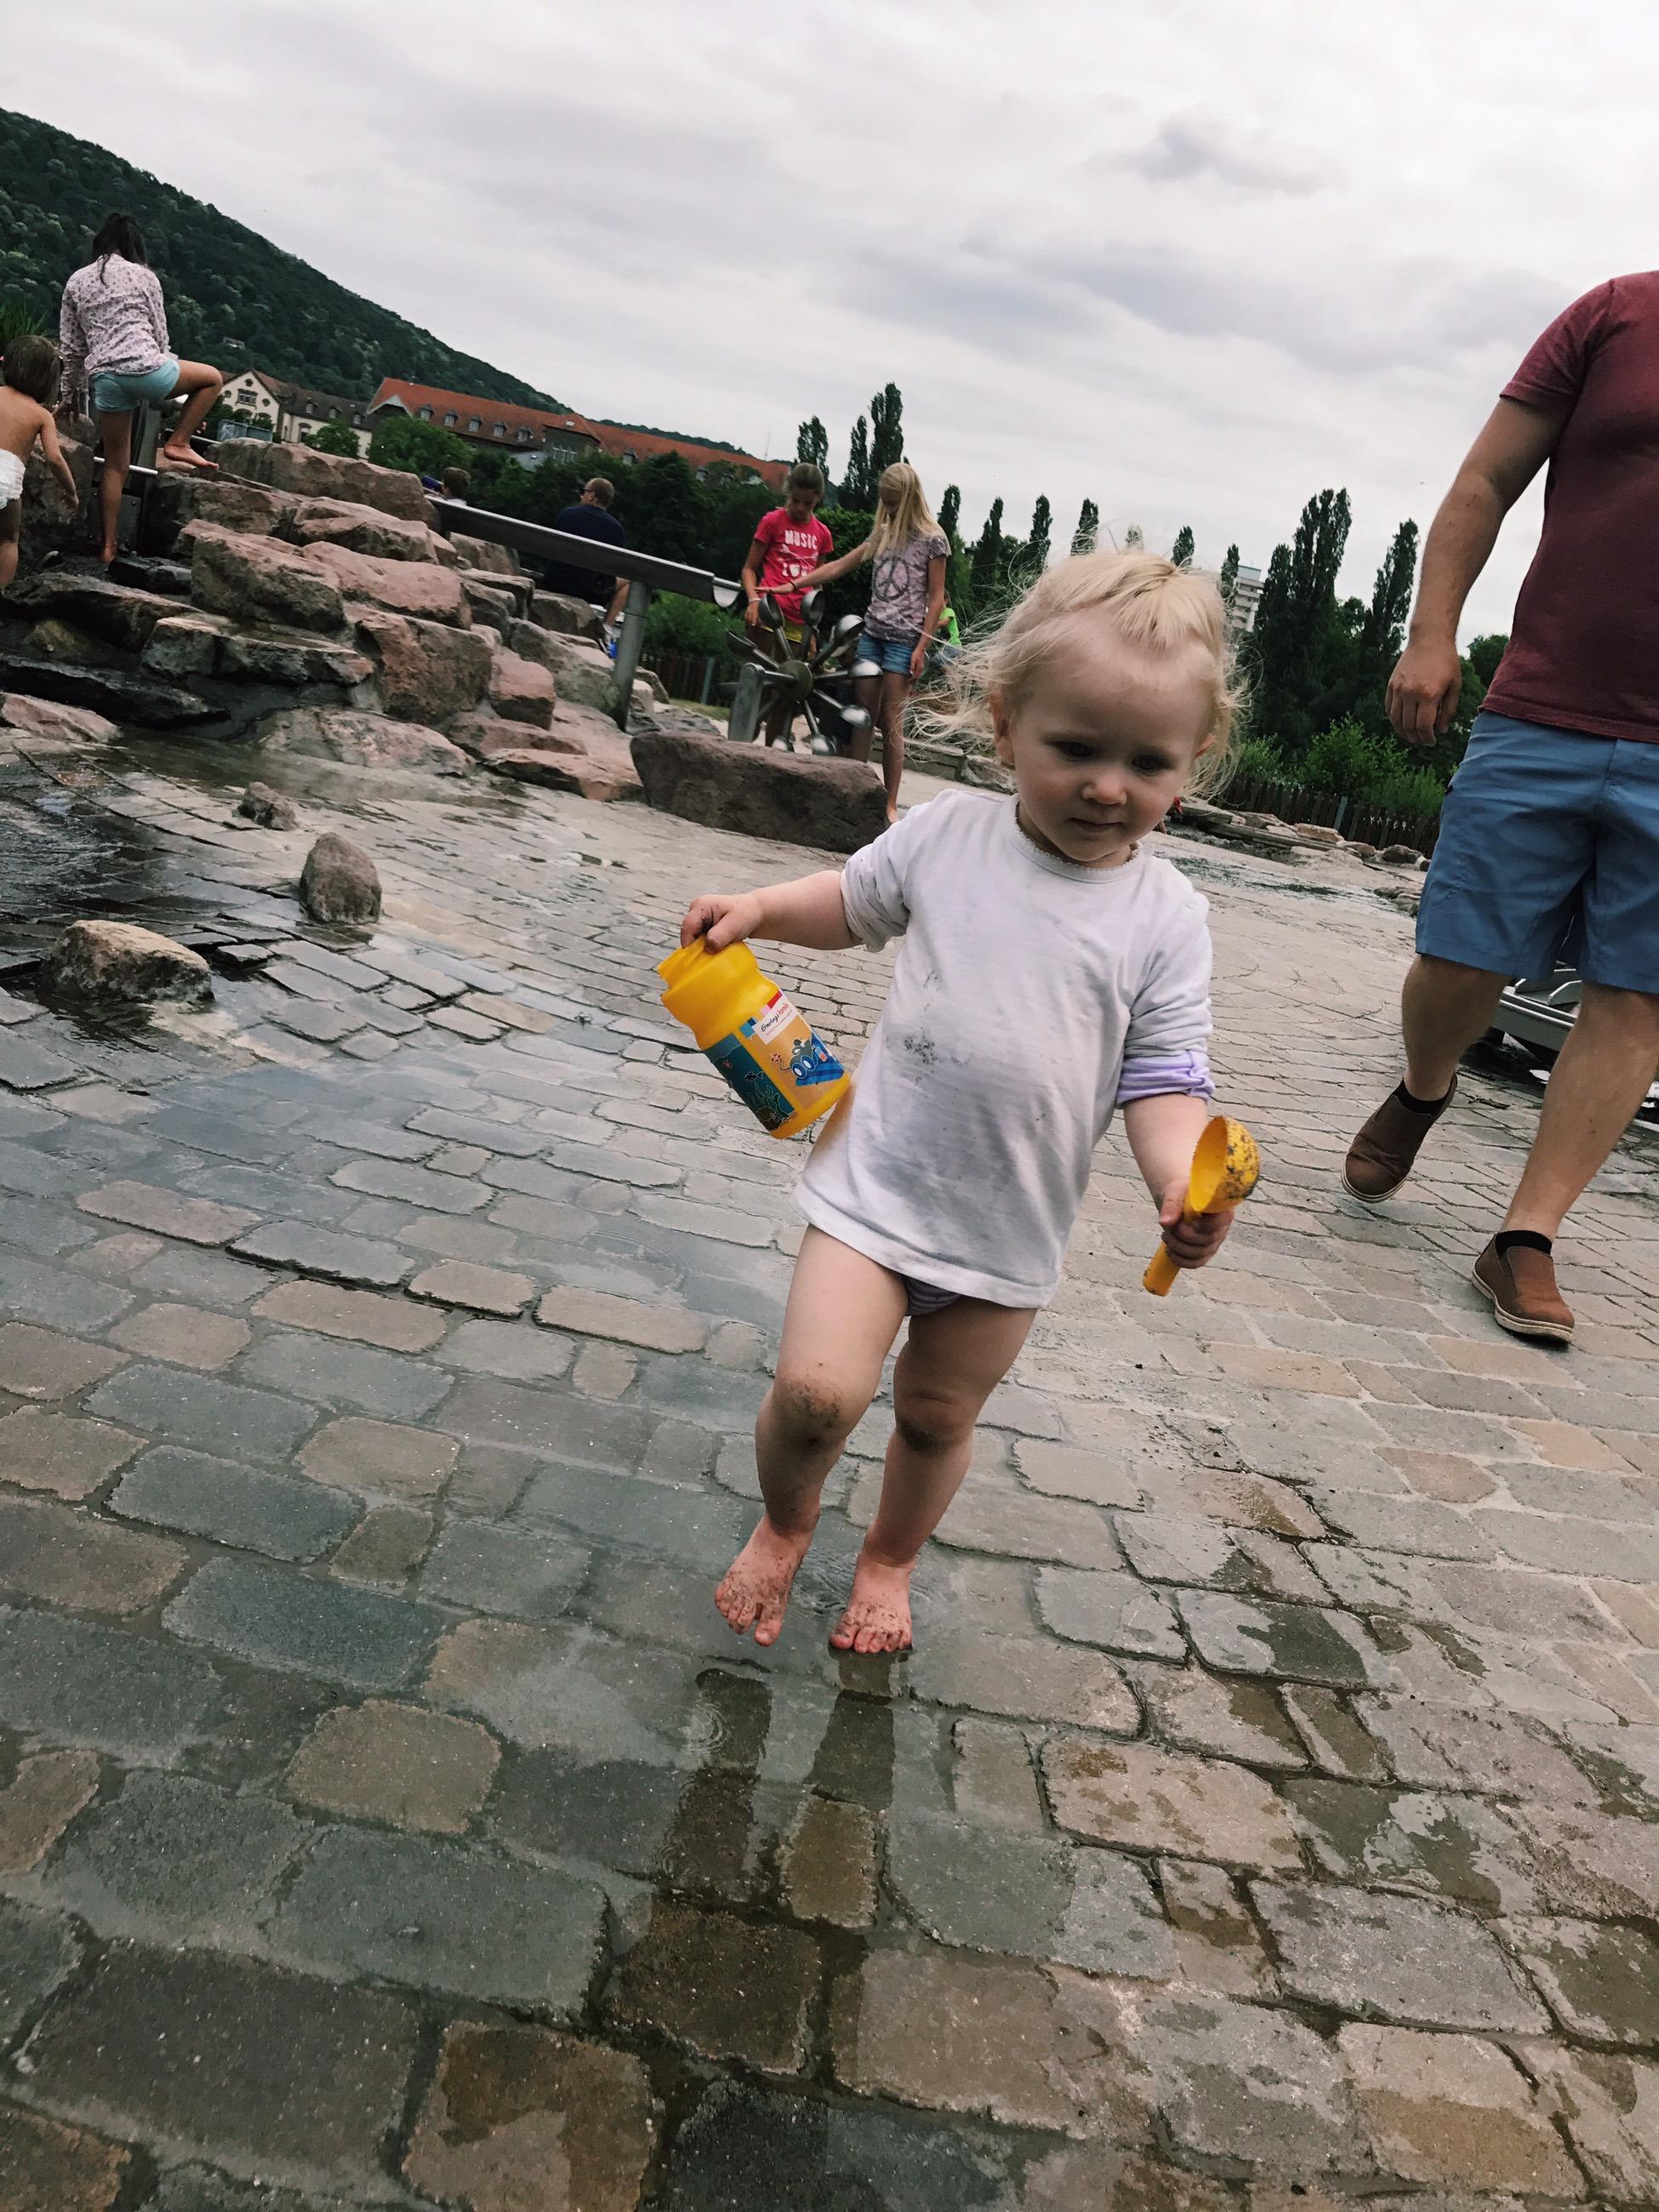 wasserspielplatz heidelberg sommer